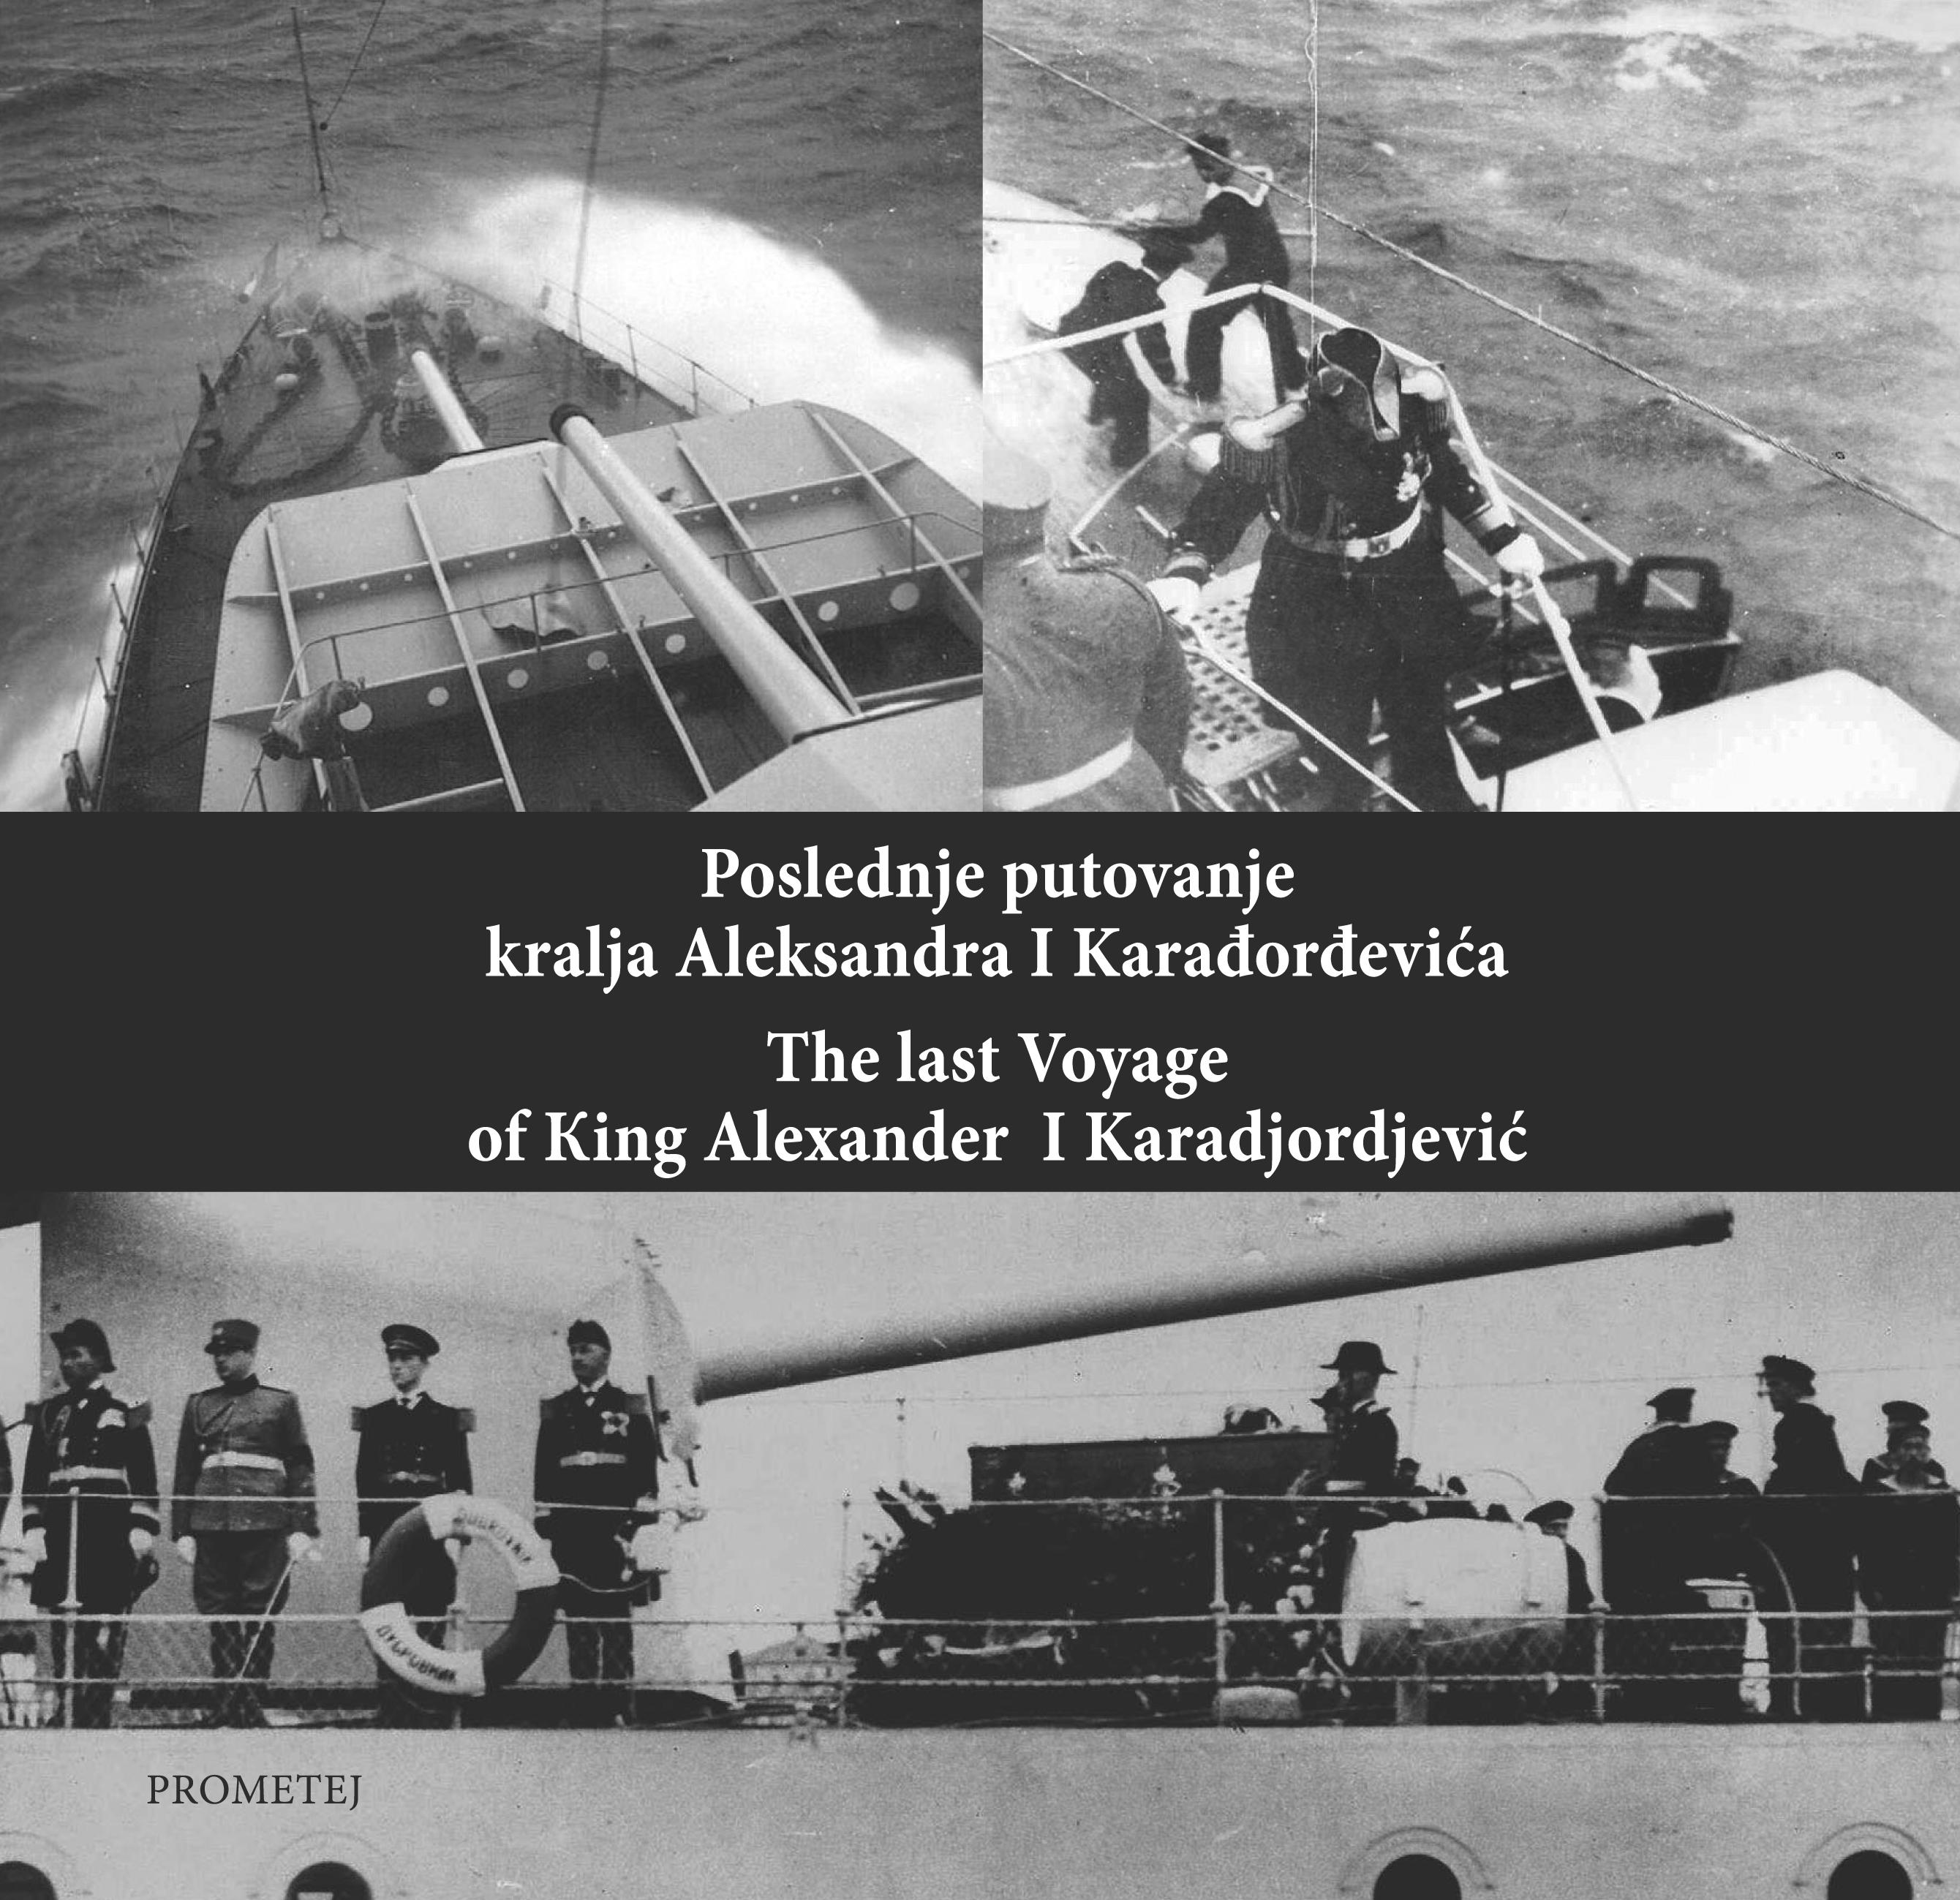 Последње путовање краља Александра I Карађорђевића